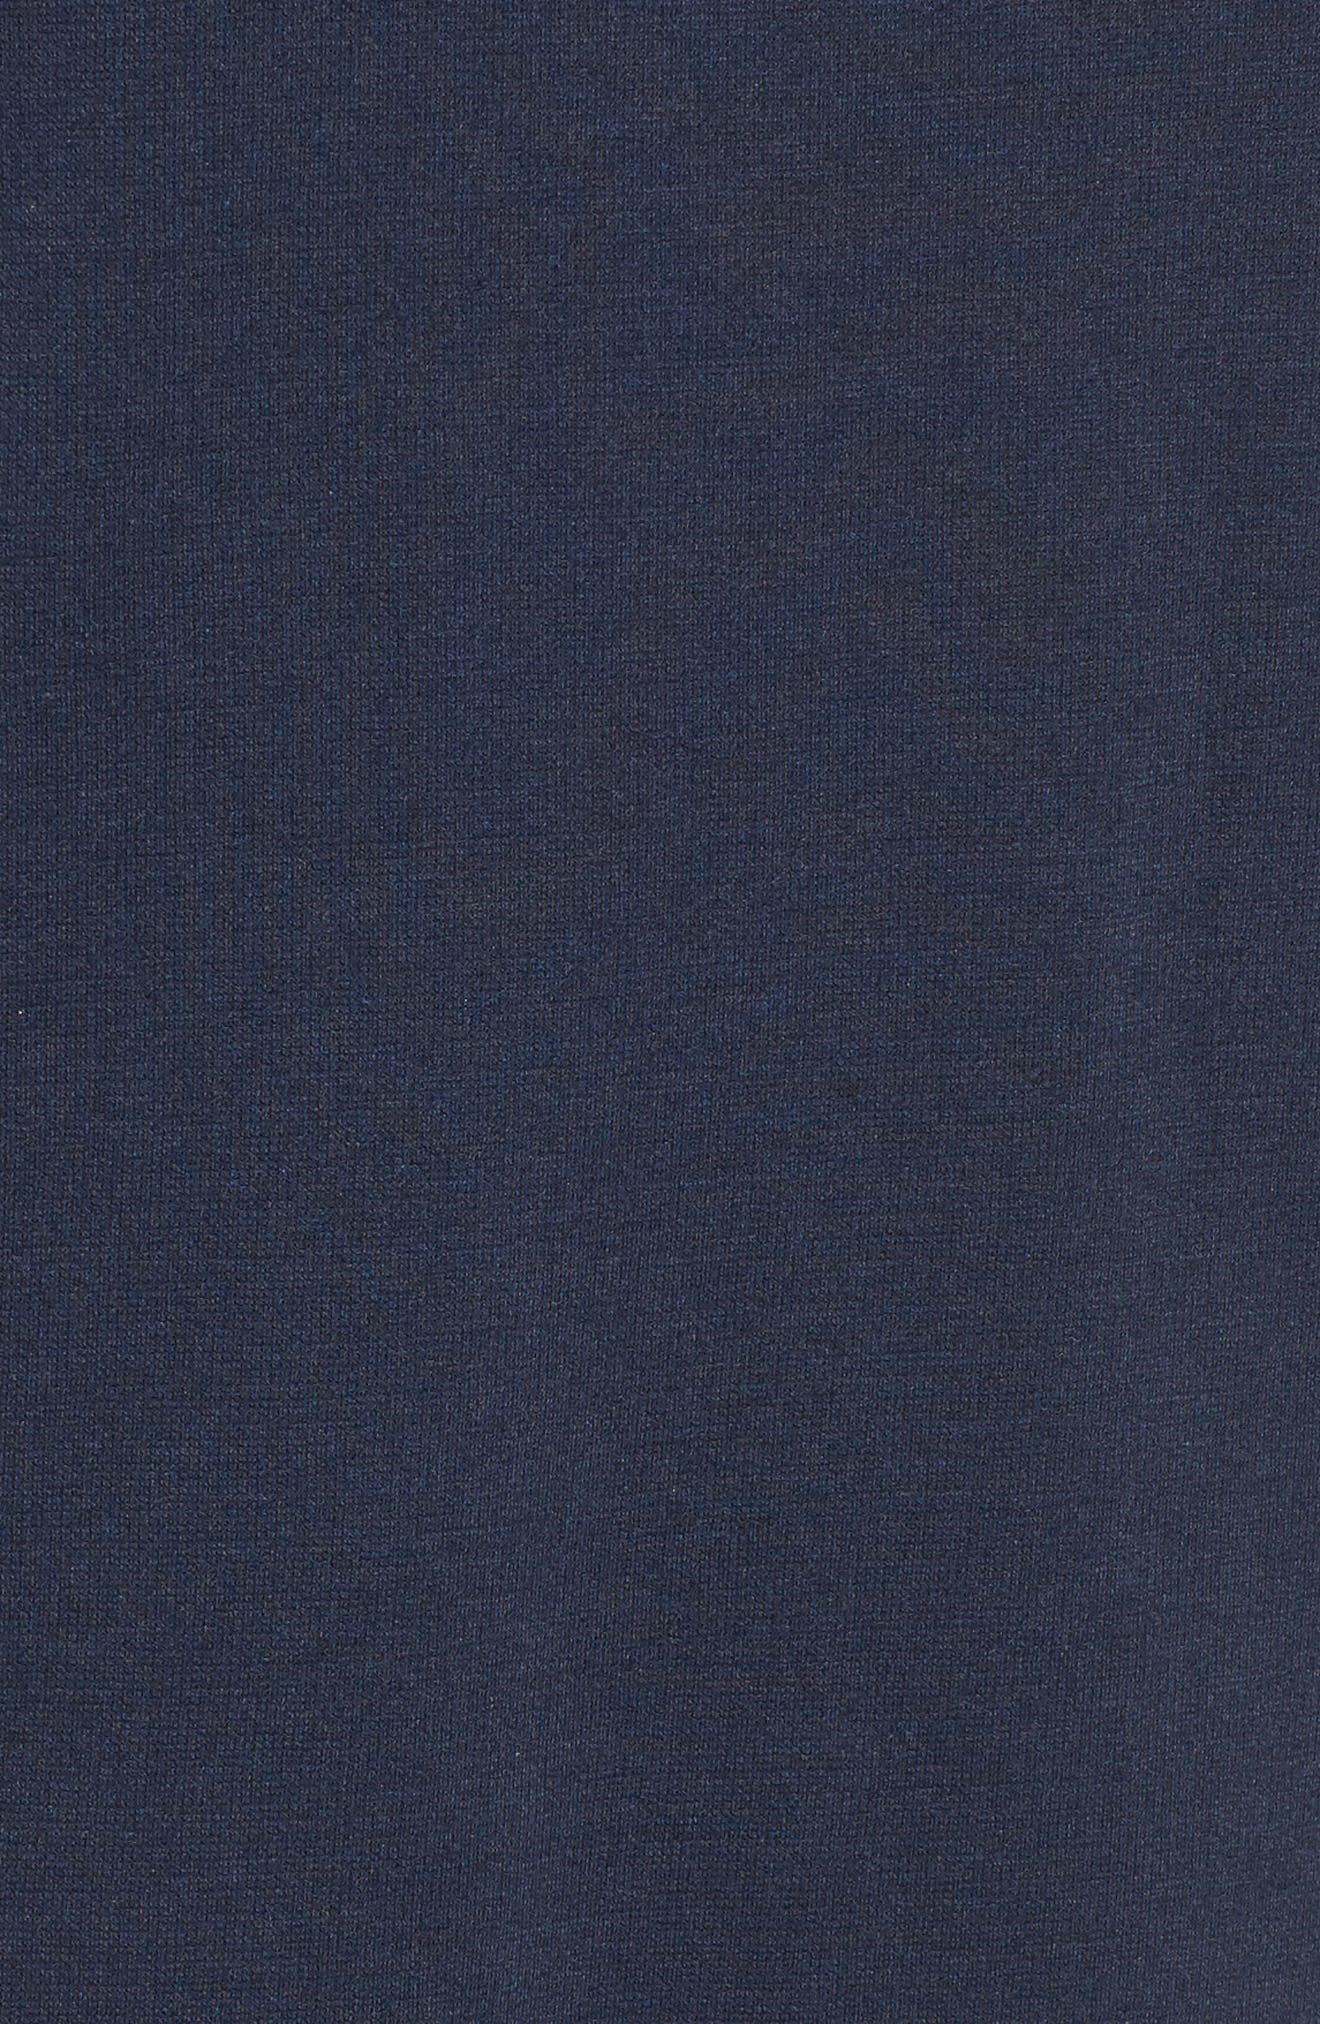 Ruffle Sleeve Shift Dress,                             Alternate thumbnail 20, color,